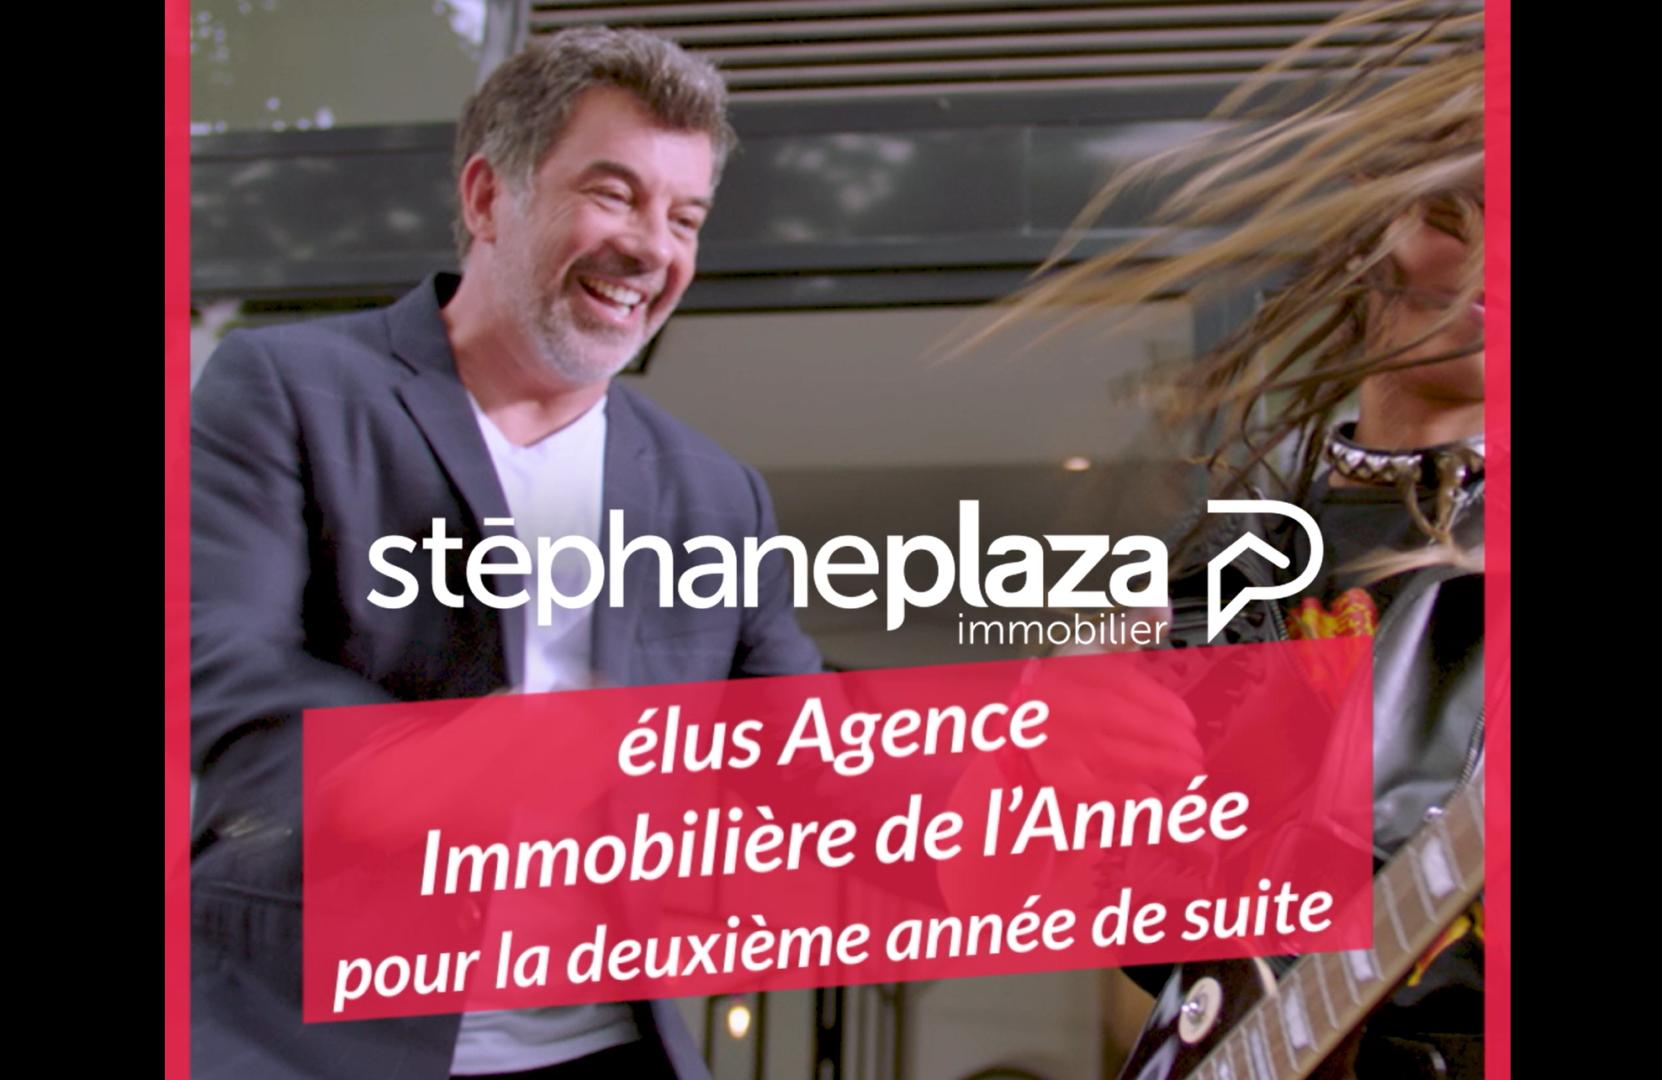 Stéphane Plaza immobilier couronnée meilleure agence de l'année